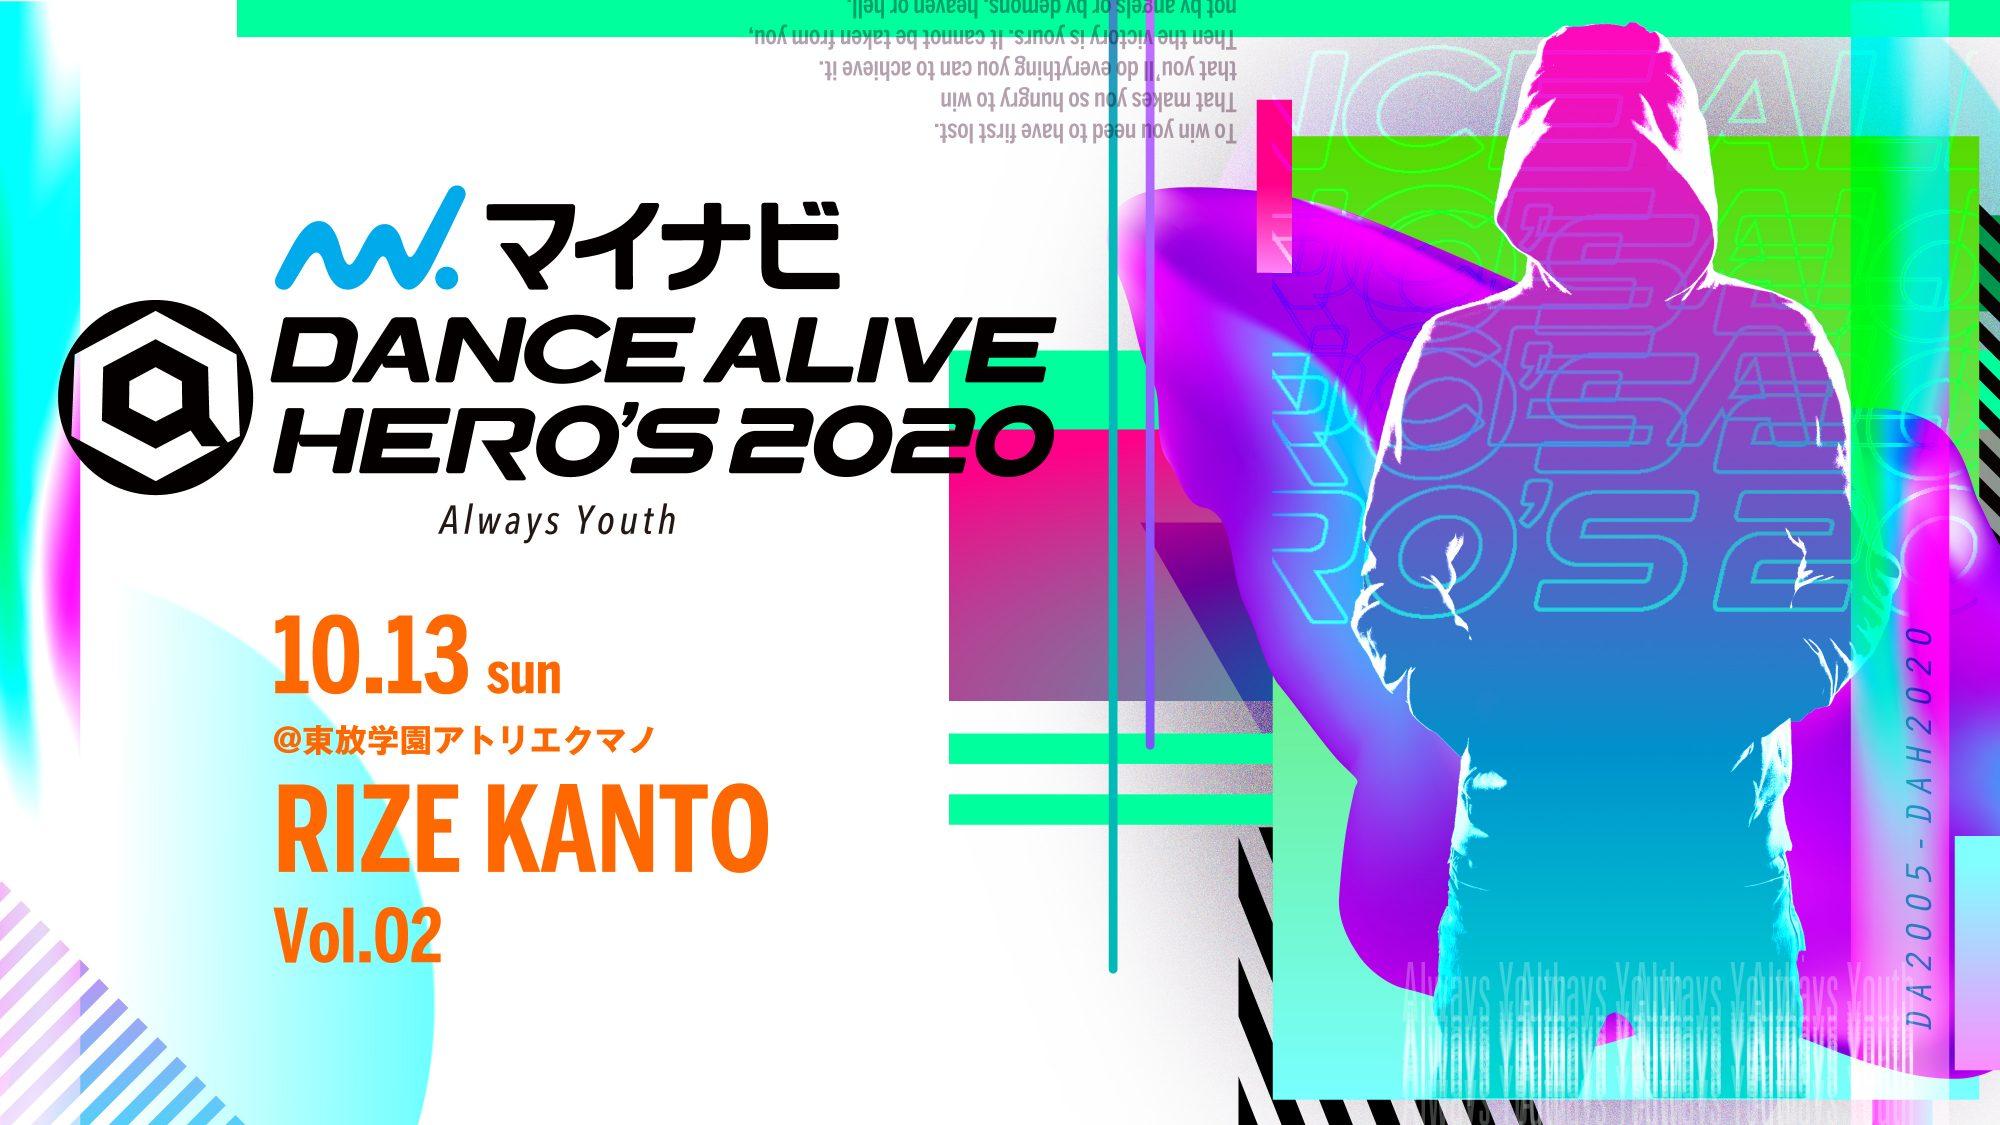 RIZE KANTO vol.2のエントリーが開始されました